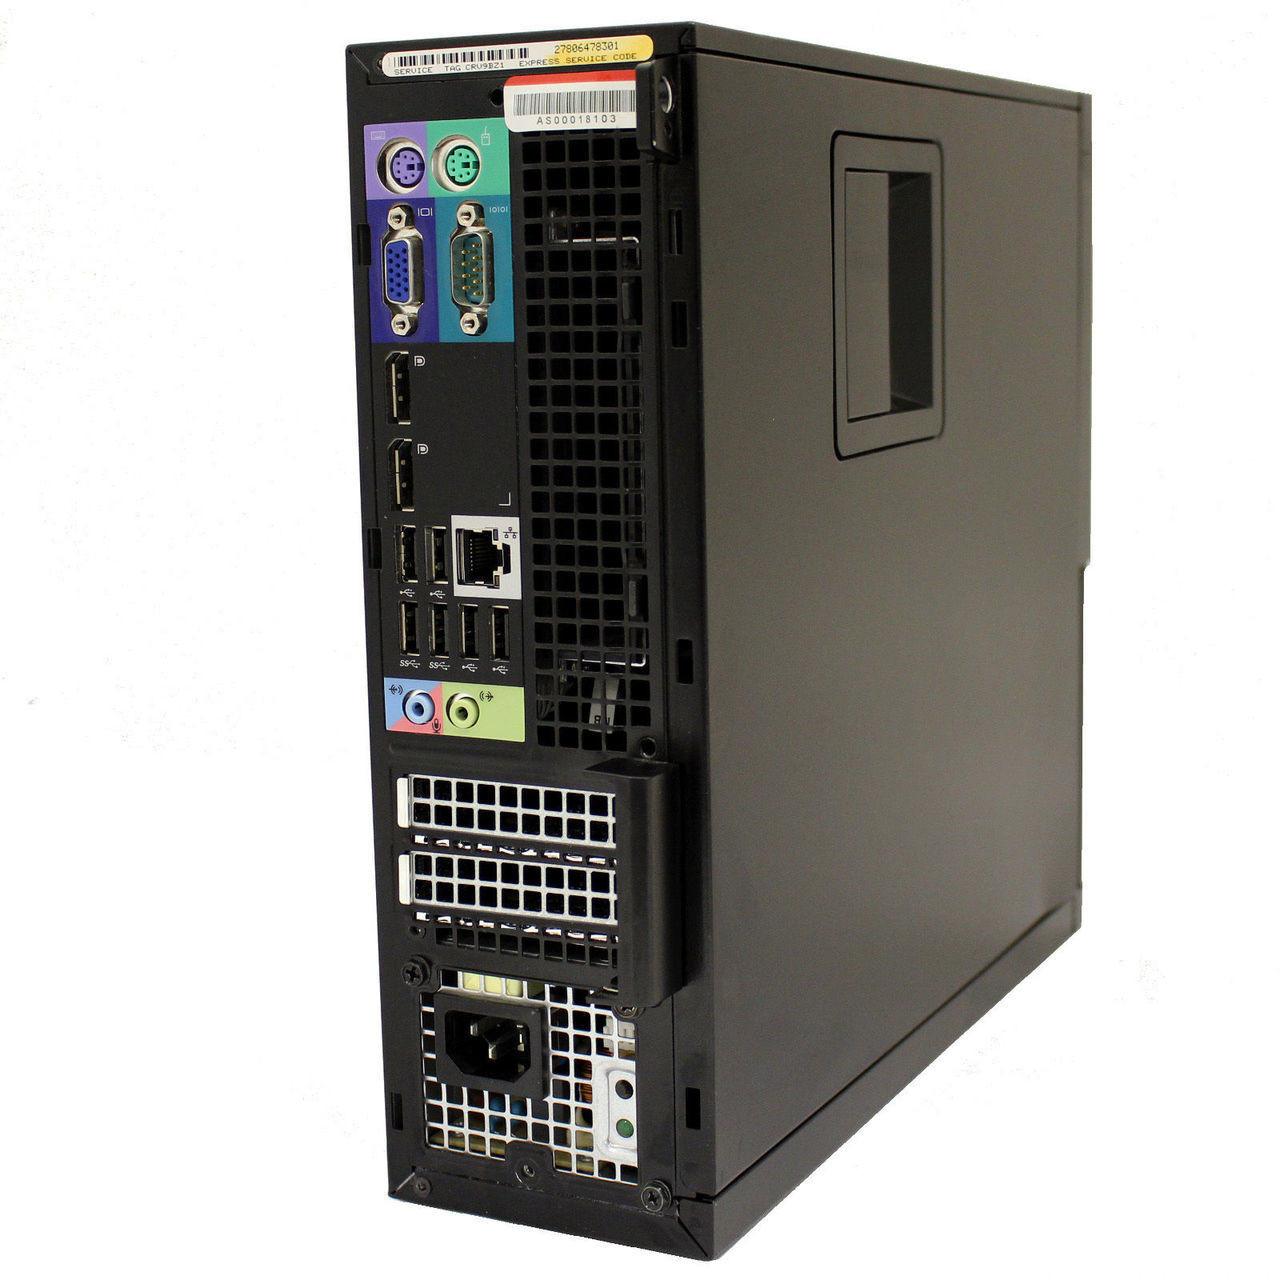 Dell Optiplex 9010 SFF - Back View 2